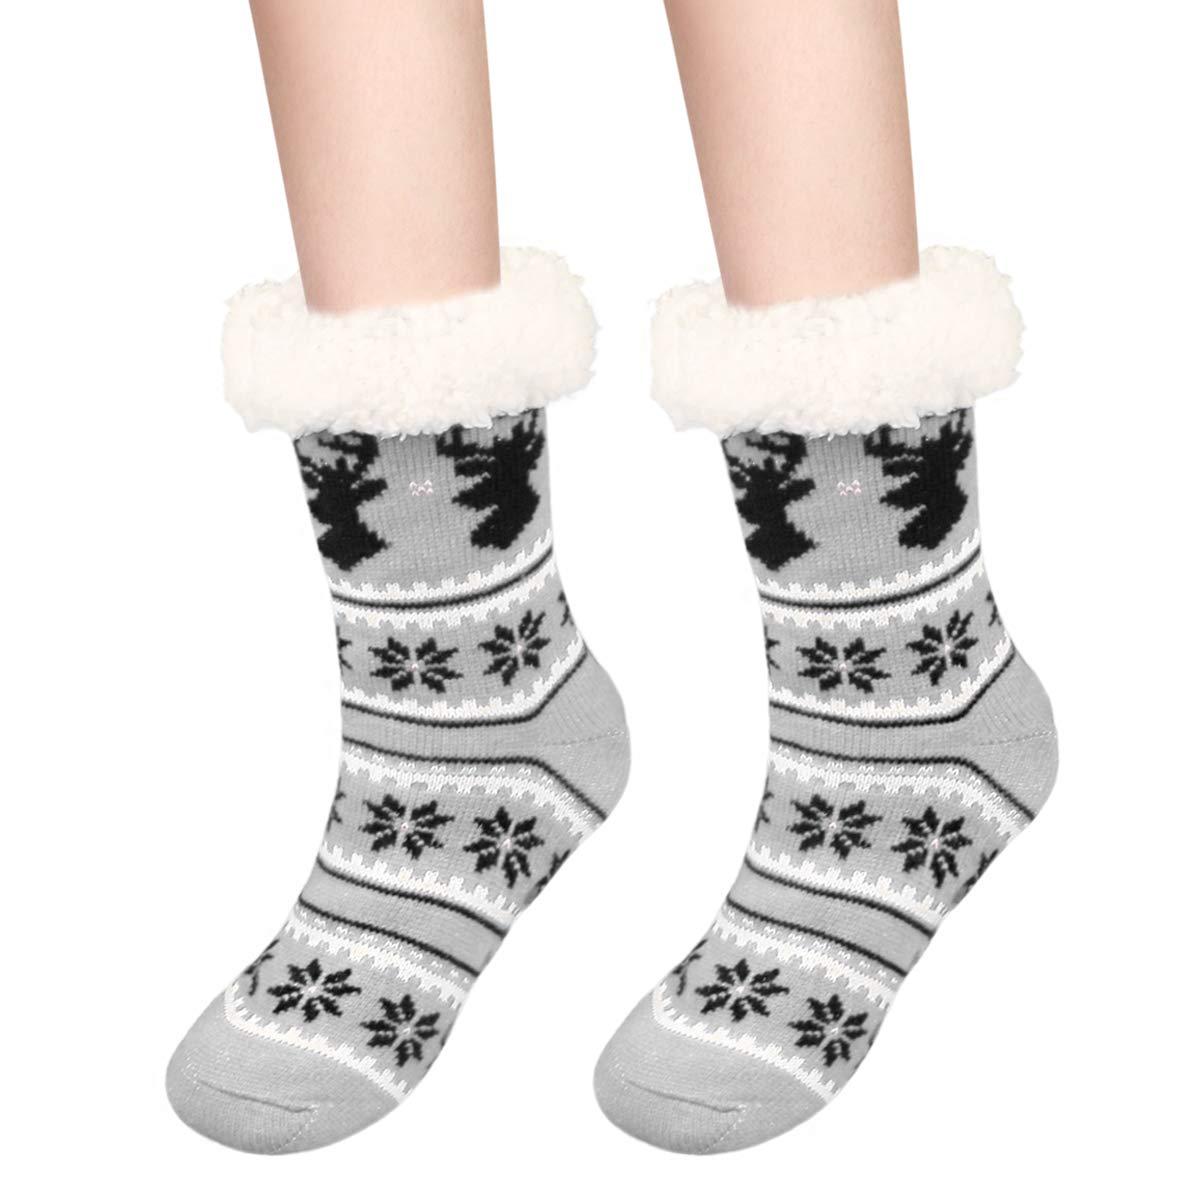 Calmare Calzino donna pantofola, Signore intimo morbido pile Slip pantofola calzini, natale alce di fiocco di neve calzini per le donne ragazze